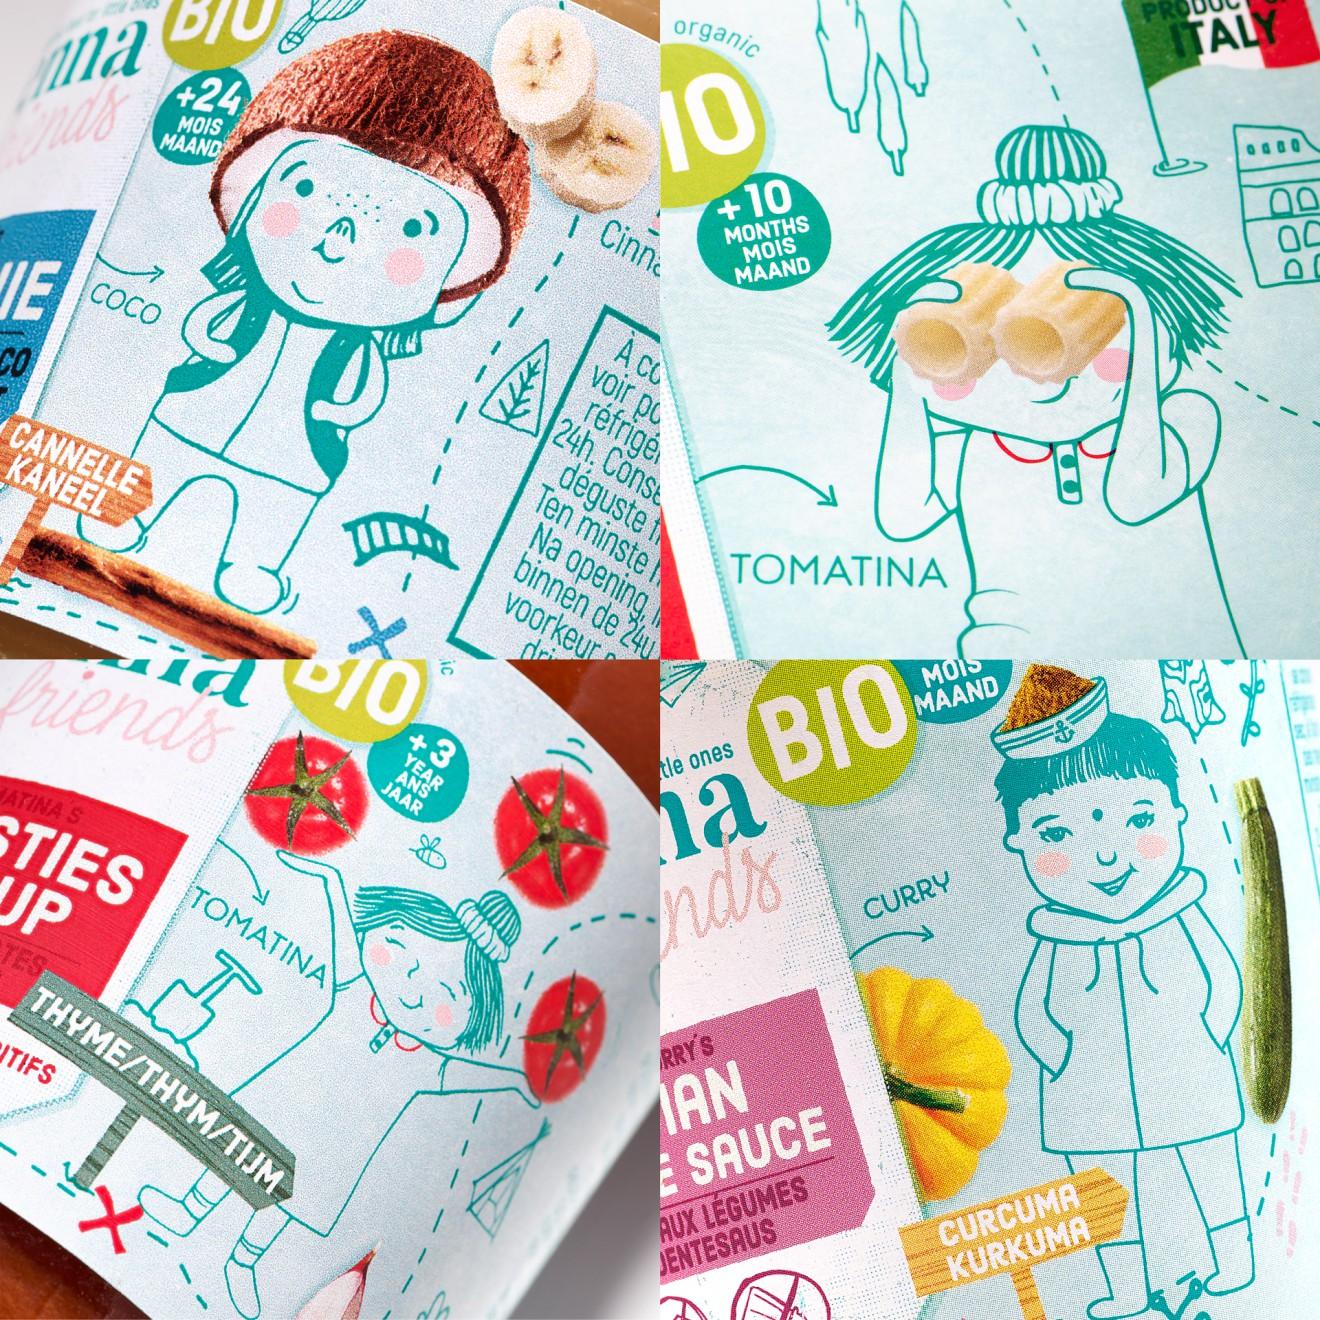 Quatre Mains package design - tomato sauce, pasta, foodies